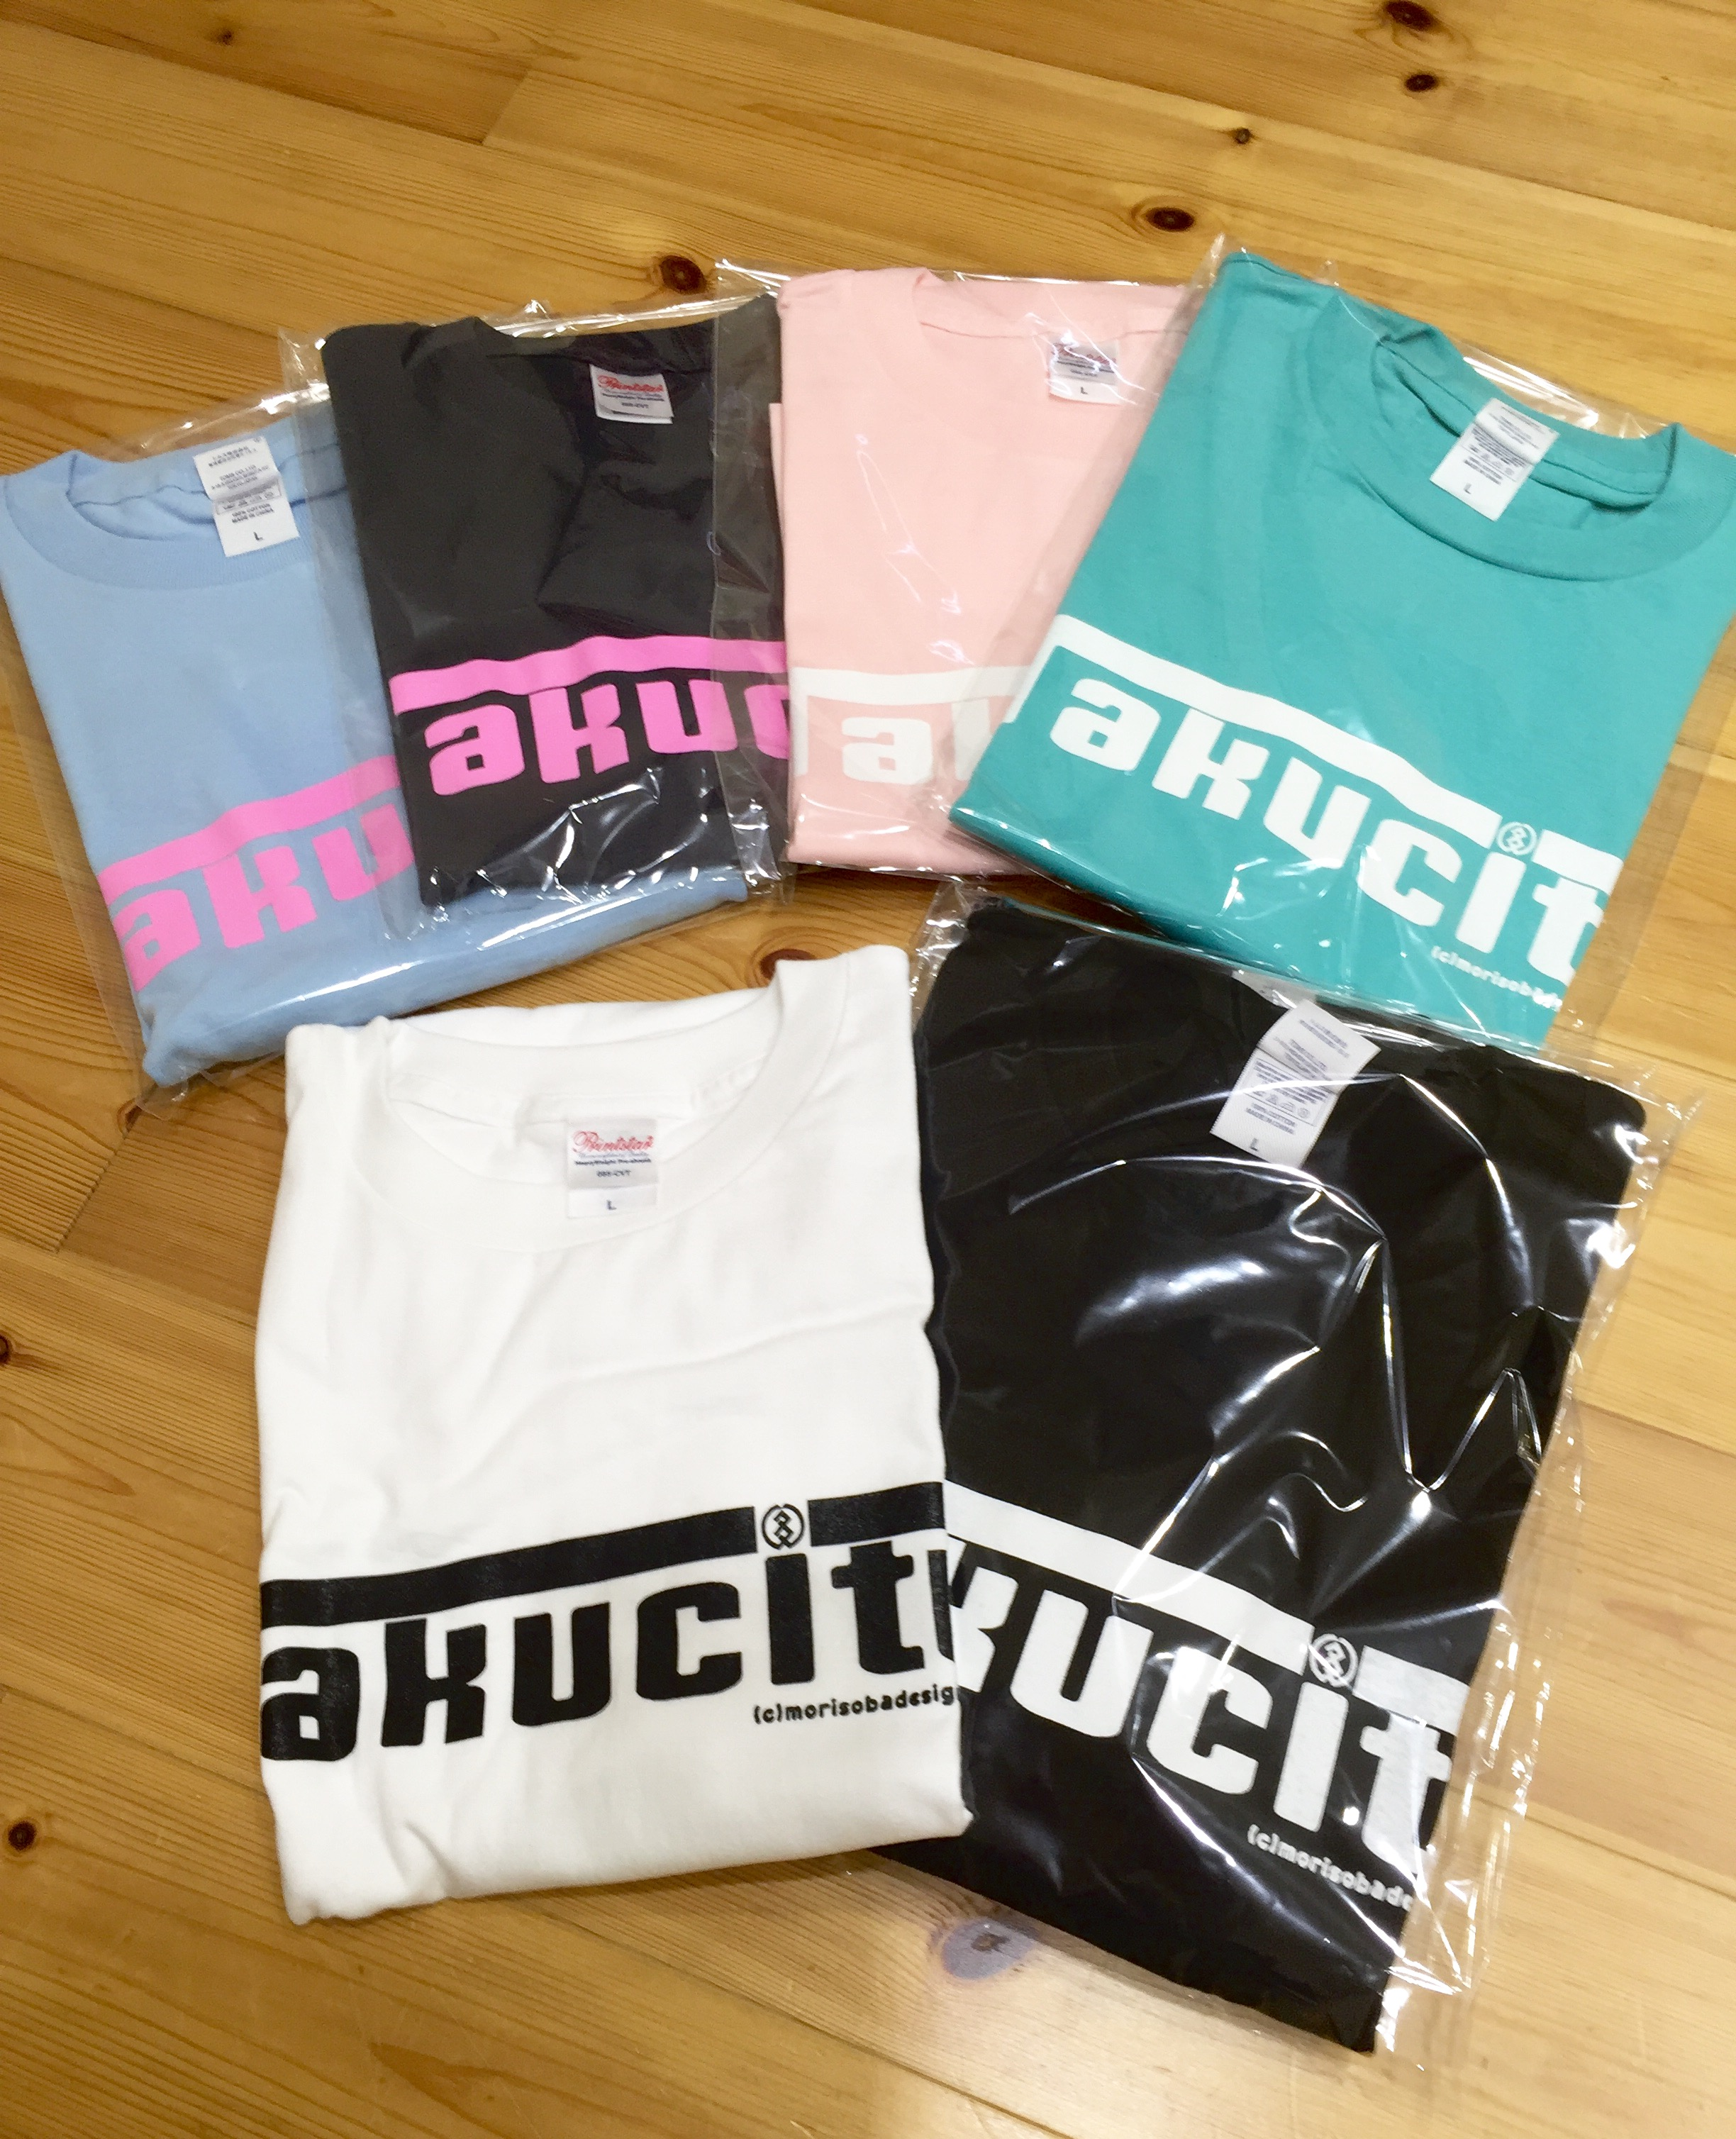 早速、『Takucity』Tシャツを御注文頂きました。ありがとうございます!